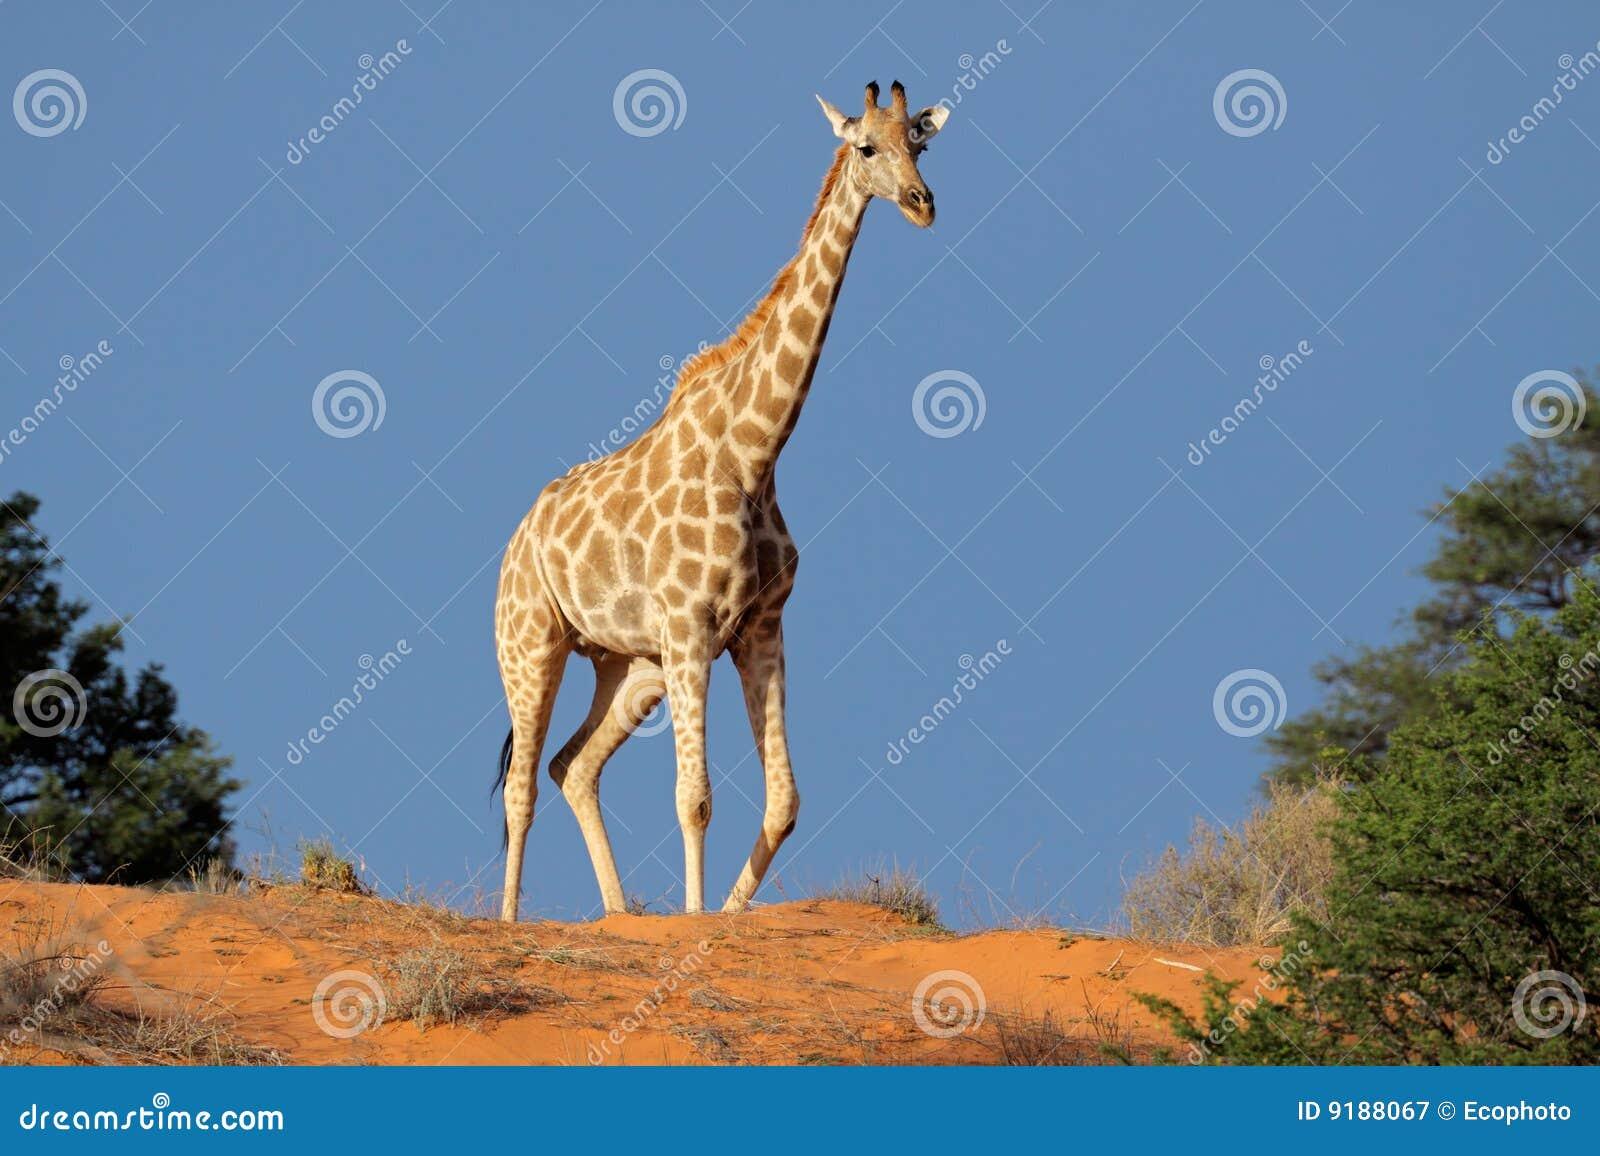 Giraffe on sand dune, Kalahari desert